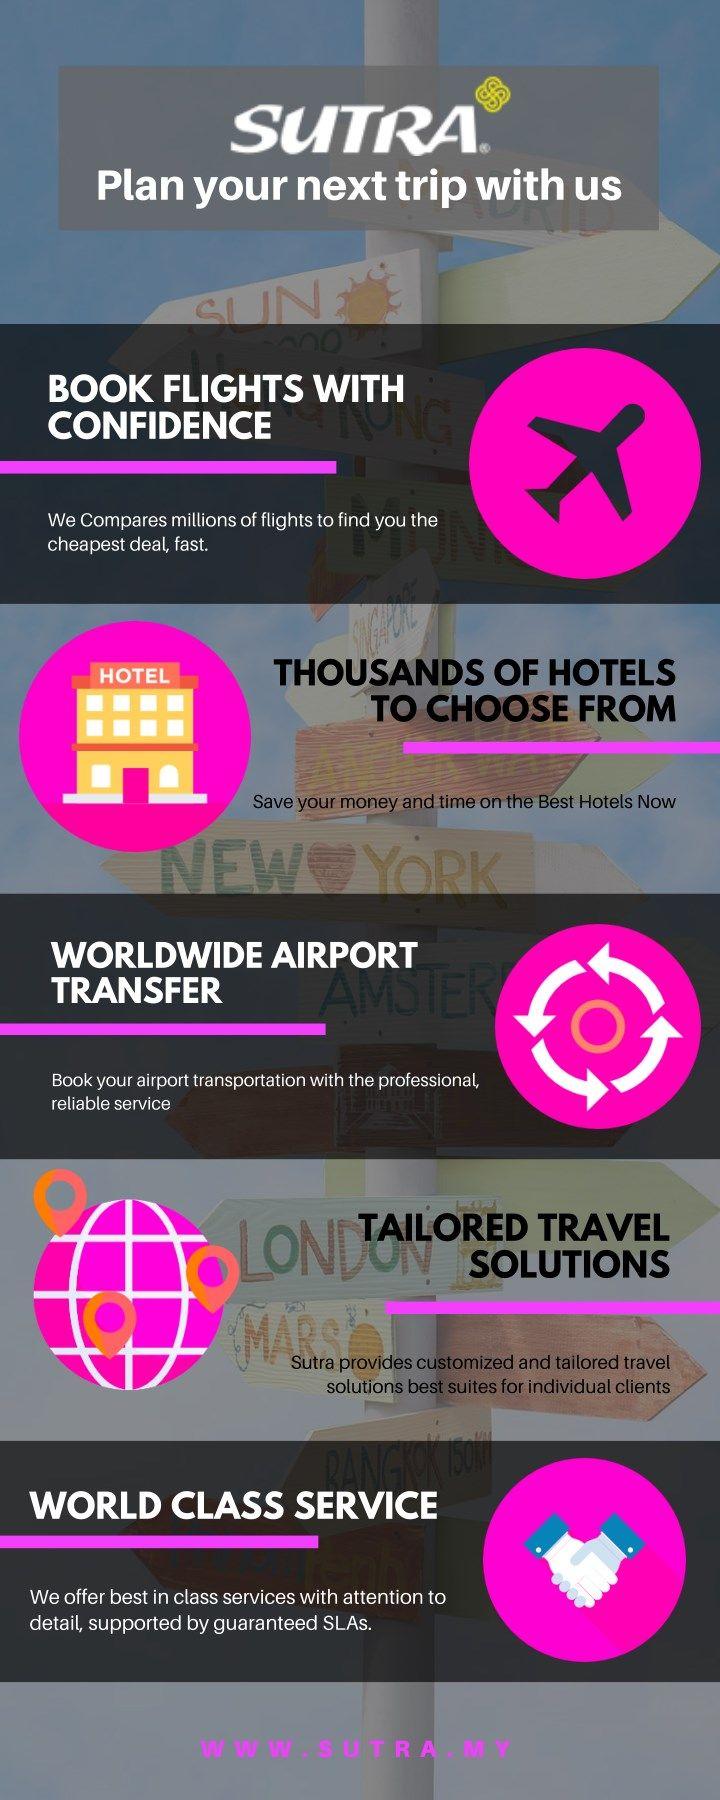 Travel Agency Malaysia - Sutra   Travel Agency Kuala Lumpur